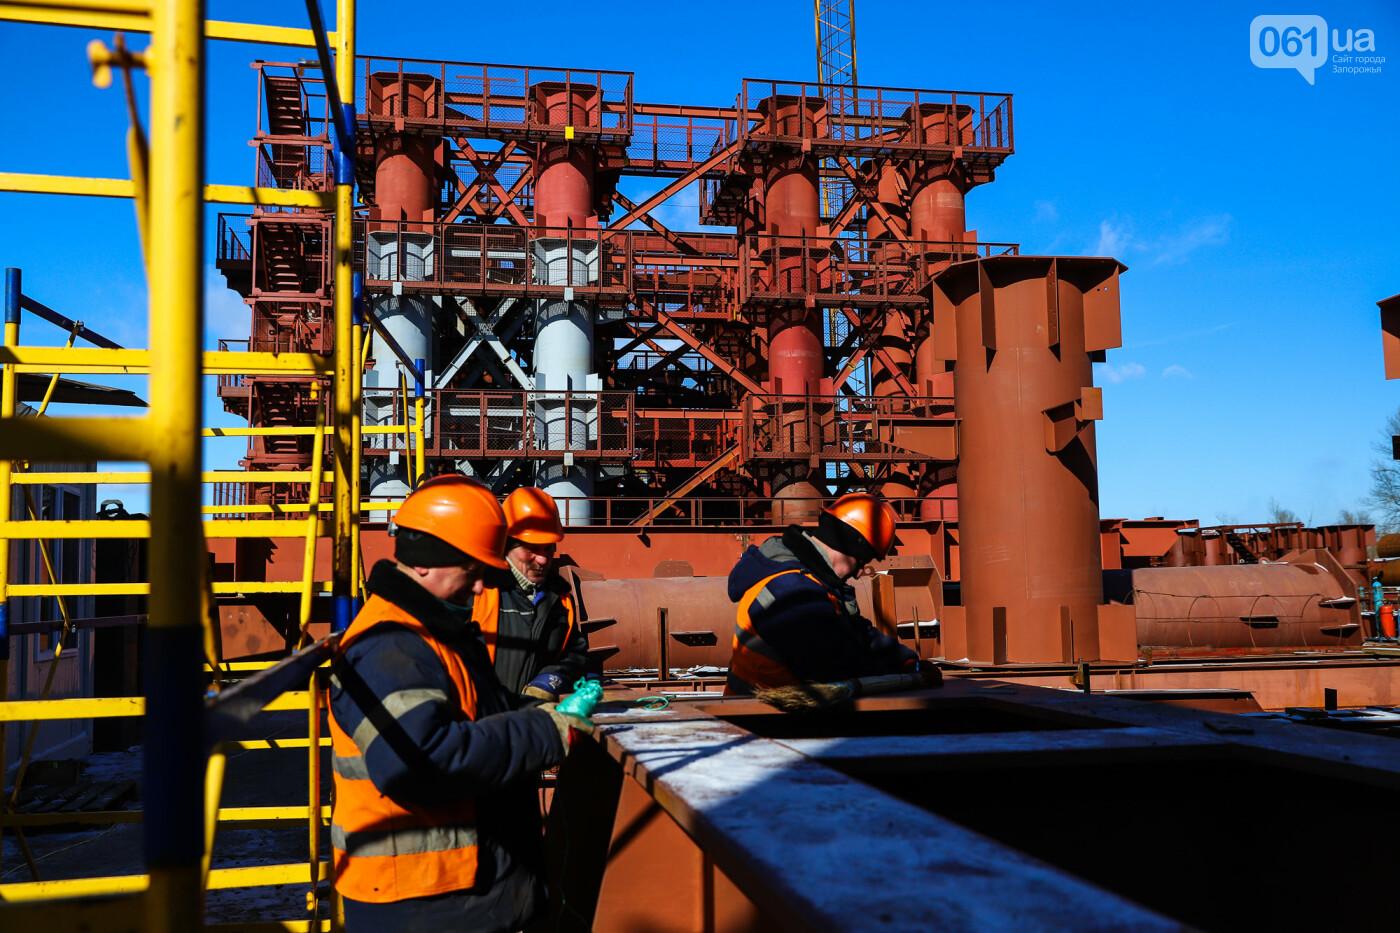 Кран с иностранной пропиской, ванты и металл: строительство запорожских мостов в фотографиях, фото-19